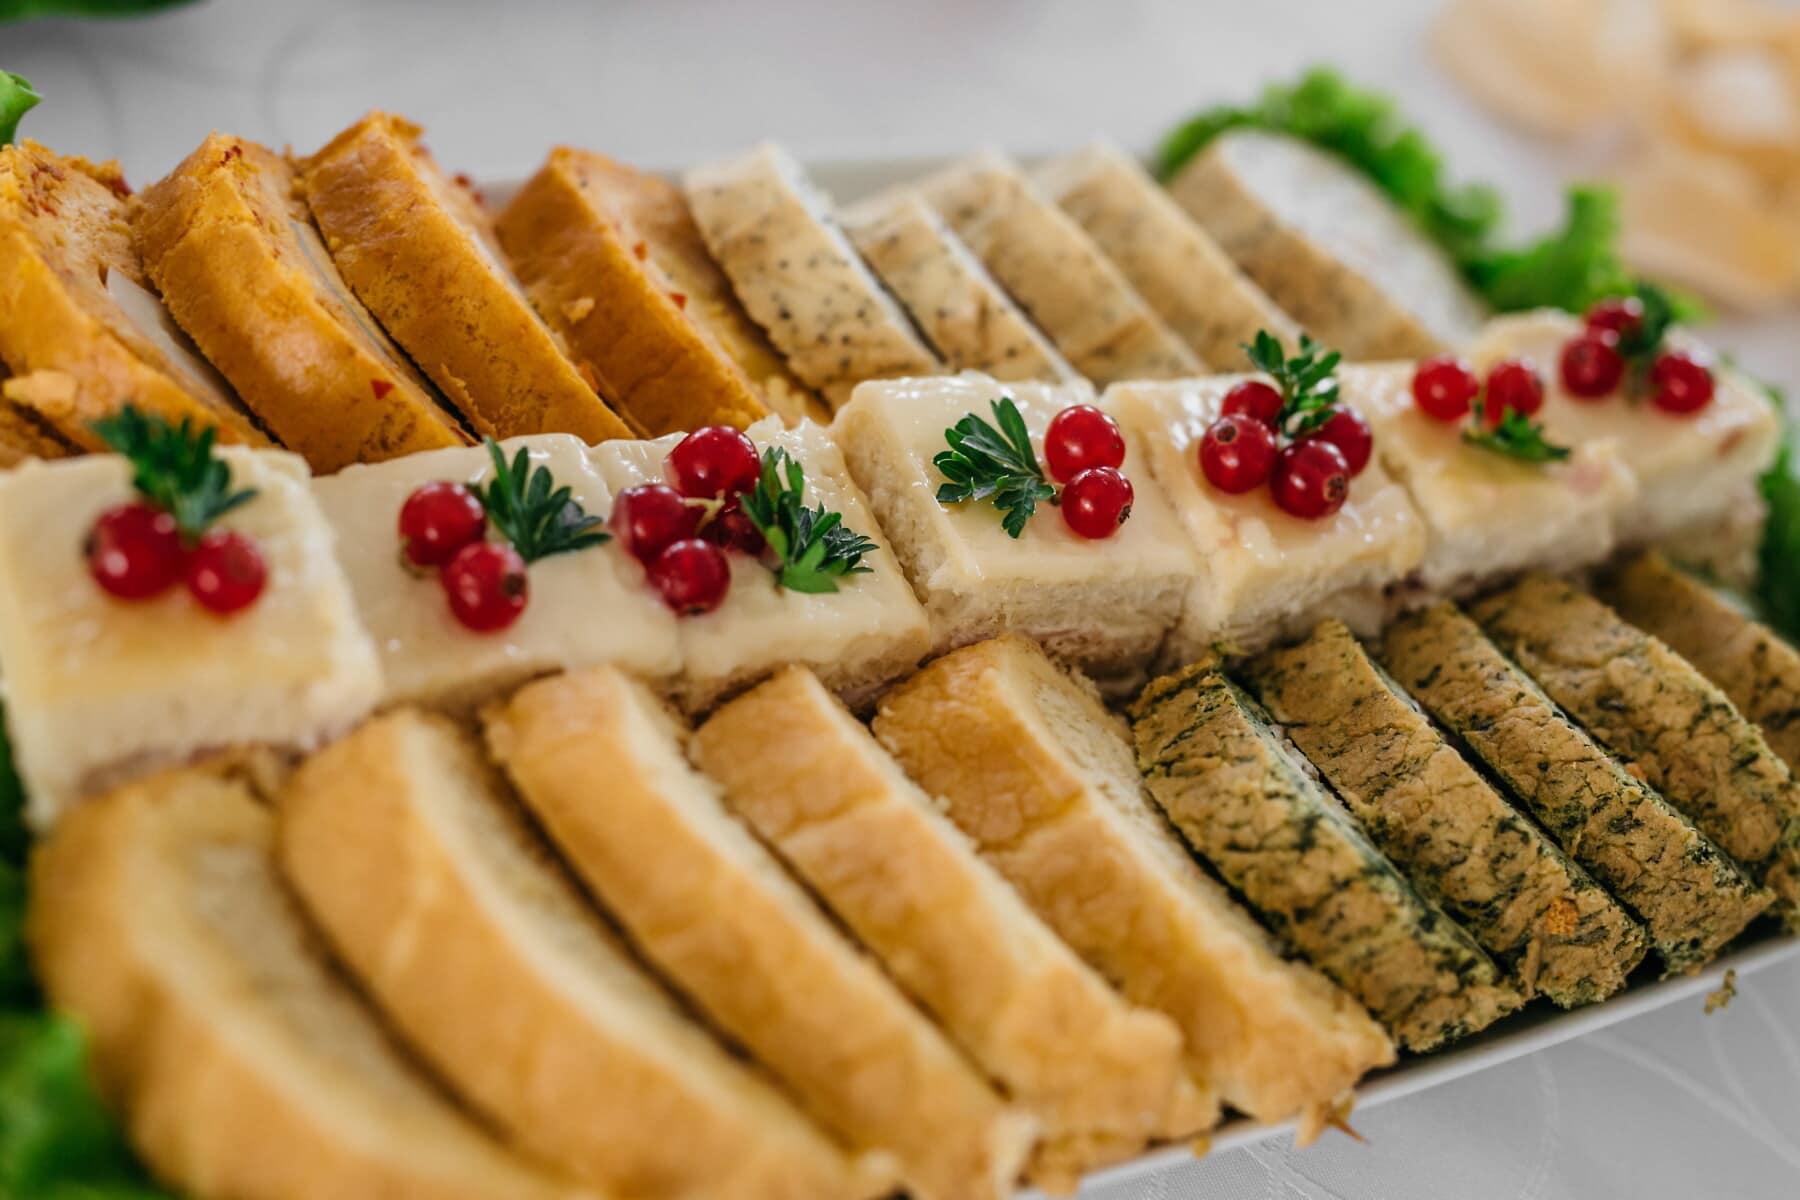 lớp vỏ bánh, bánh nướng, rau diếp, pho mát, ăn trưa, thịt, bánh mì nướng, Bữa sáng, Bữa ăn, tấm